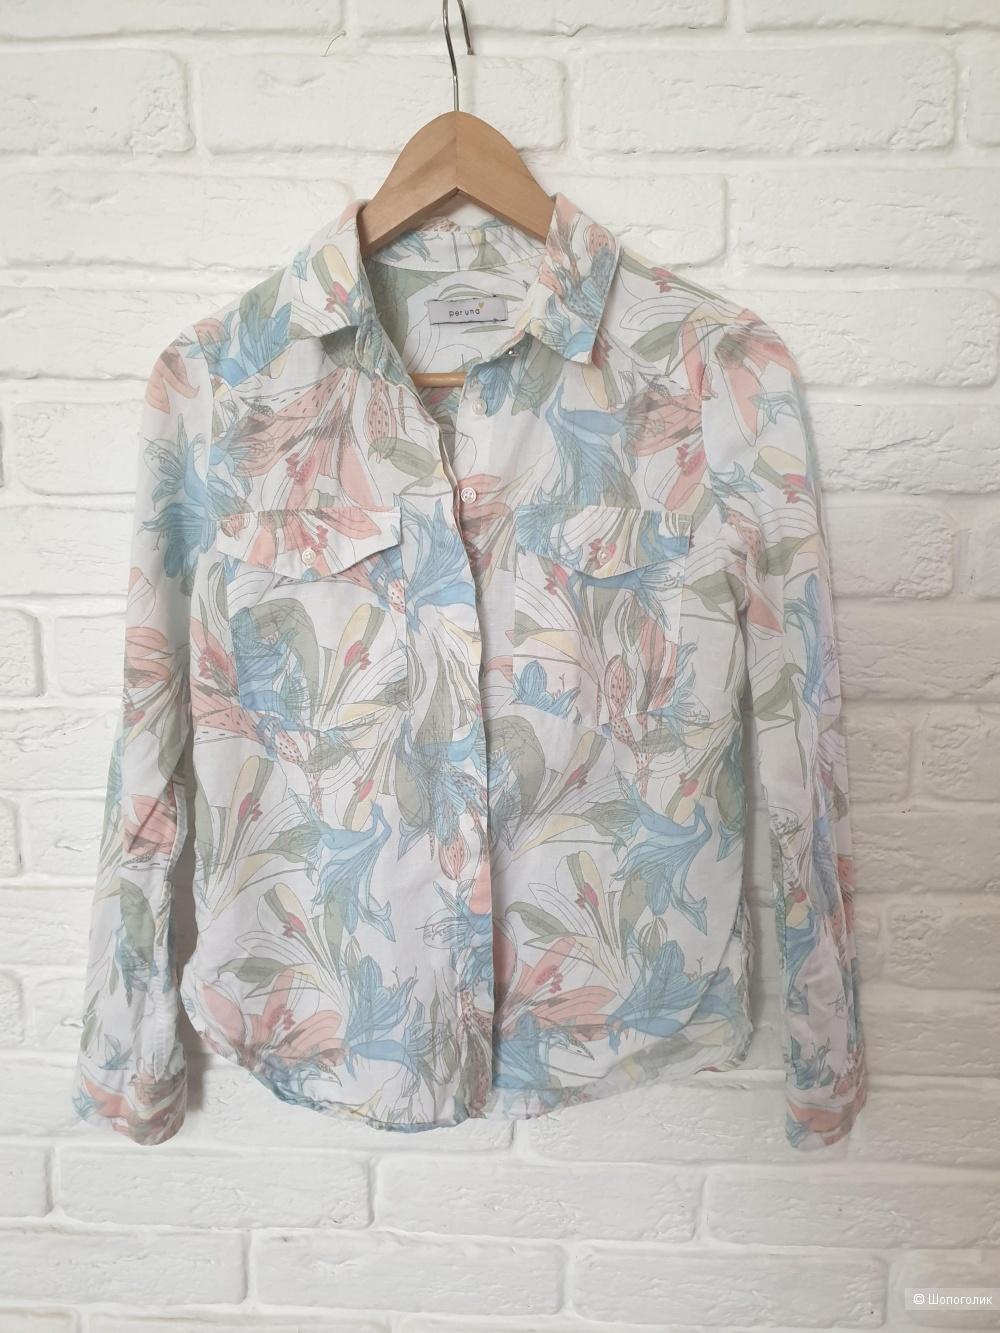 Рубашка Per una (Marksandspencer), размер 42-44